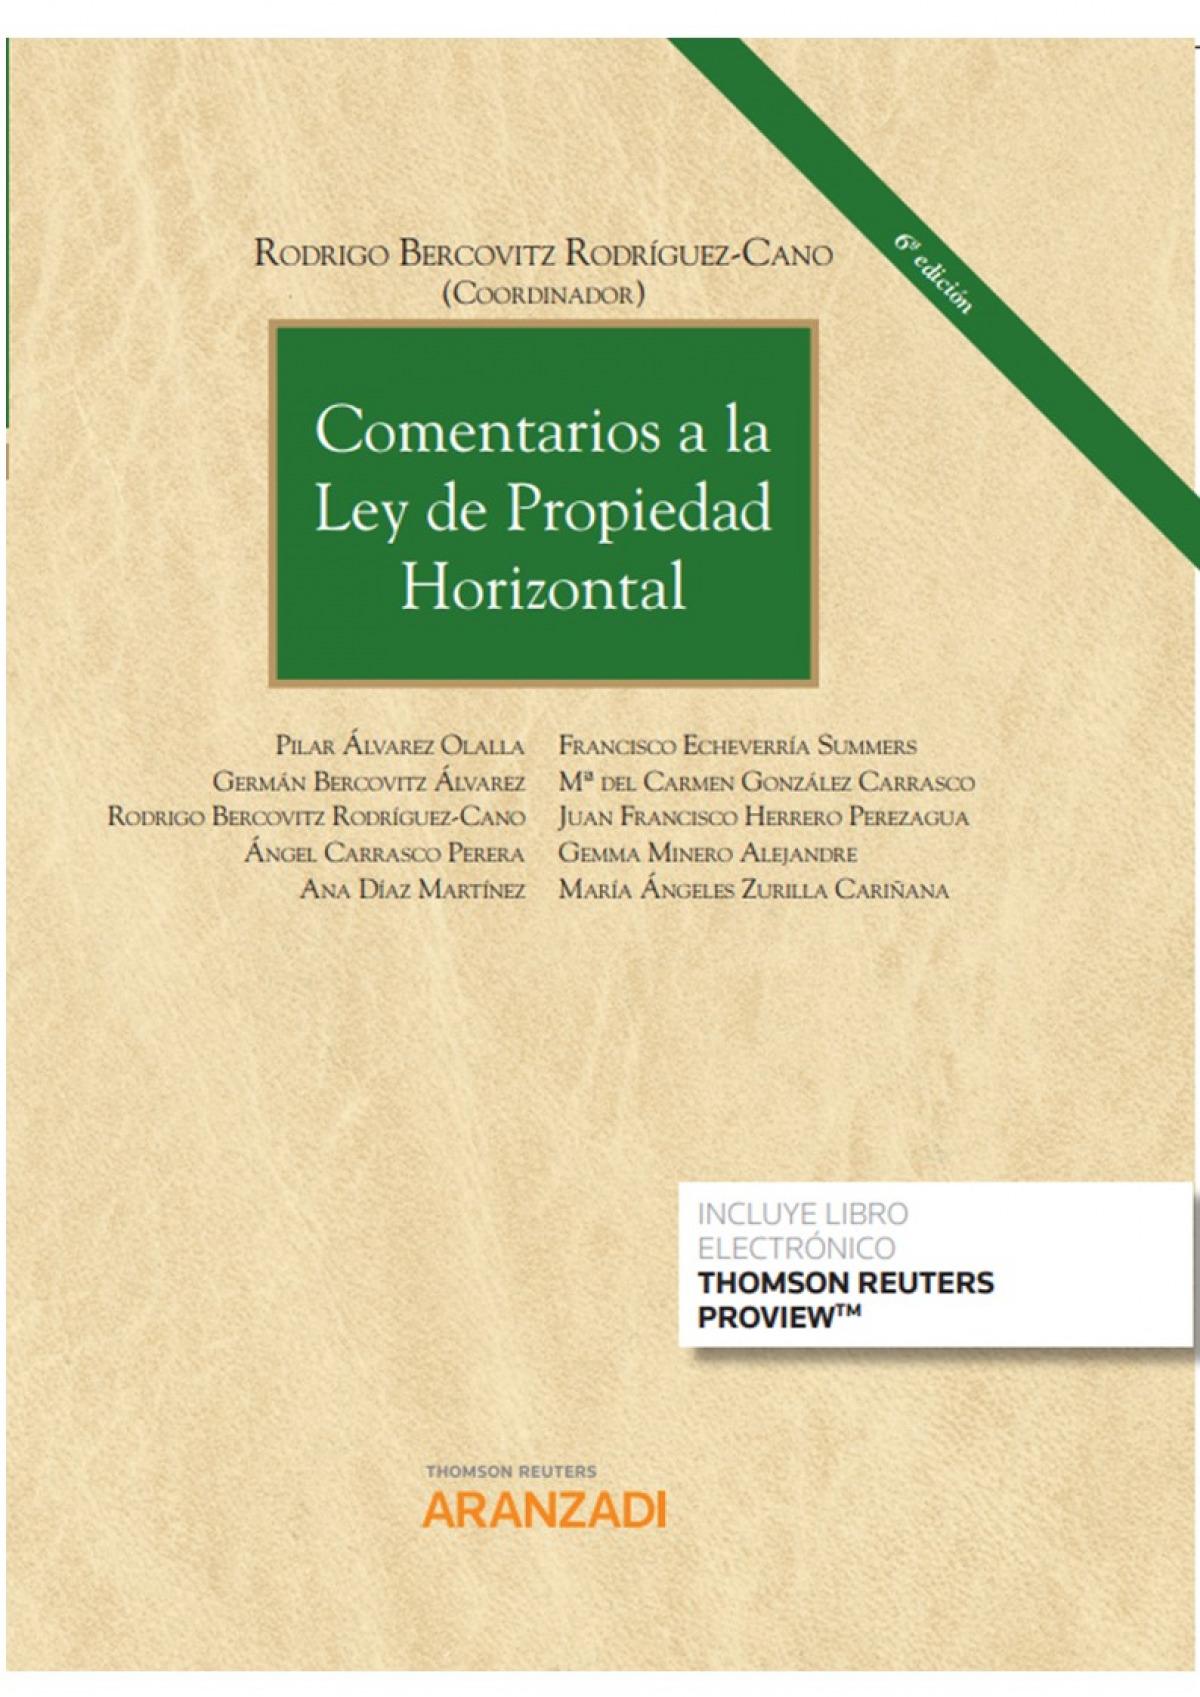 Comentarios a la Ley de Propiedad Horizontal (Papel + e-book)